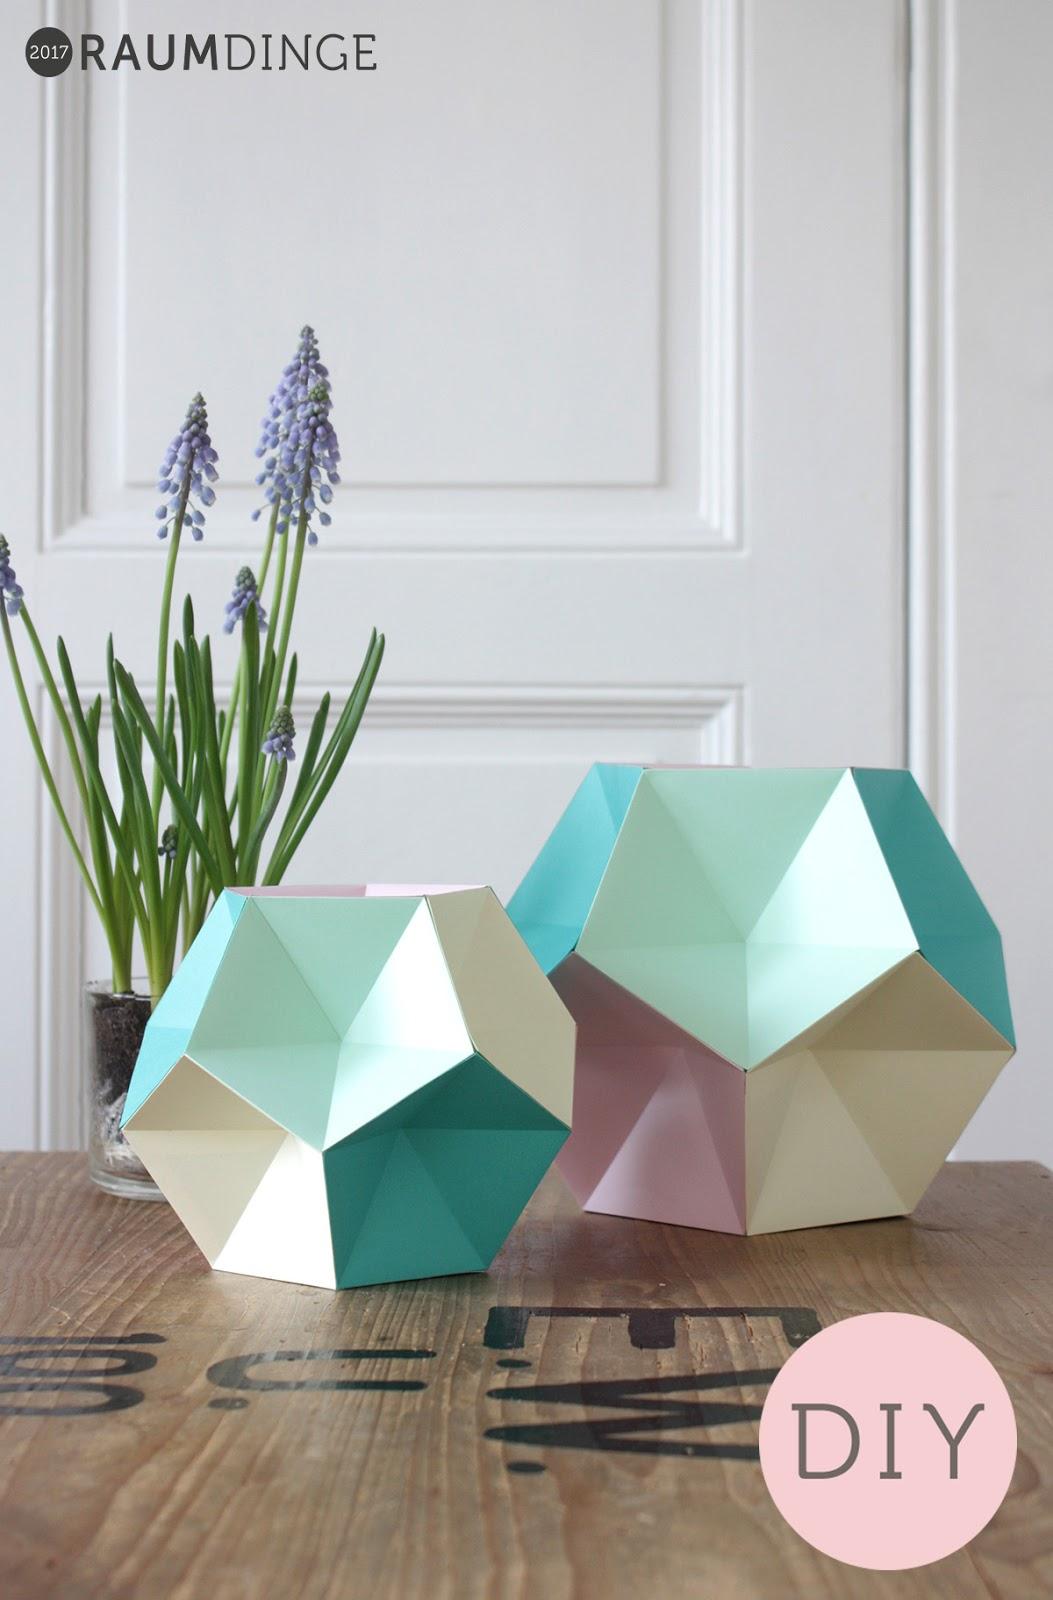 Raumdinge Papierkugeln Aus Fünfeckigen Pyramiden